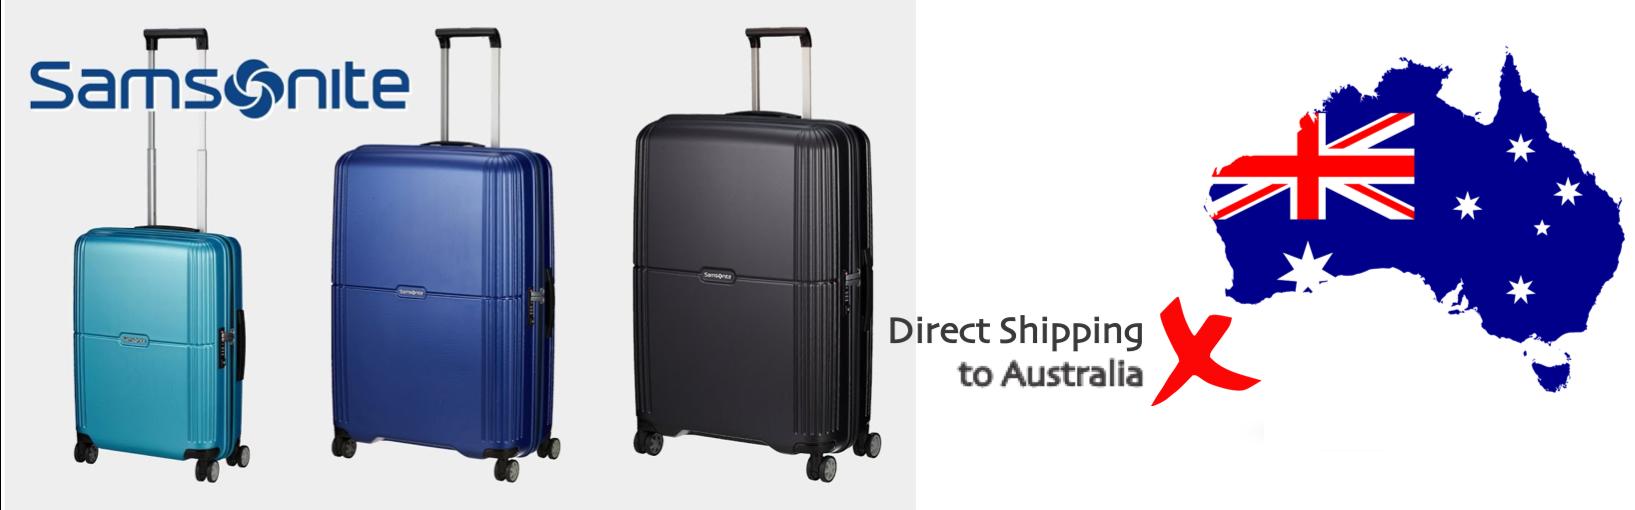 shop Samsonite ship to Australia